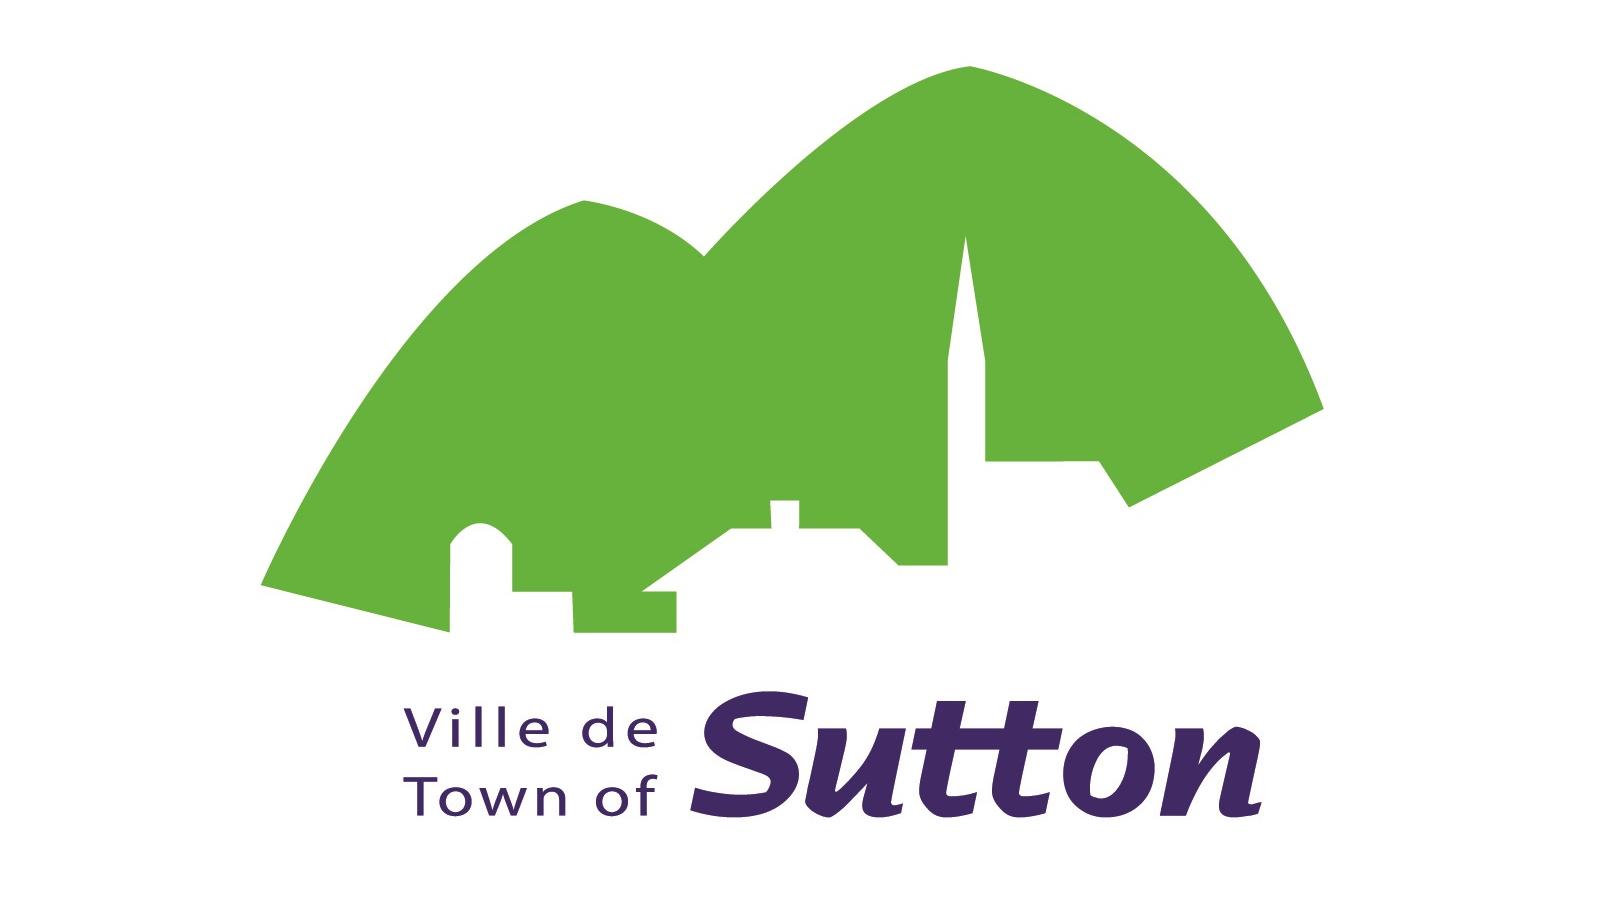 Ville de Sutton